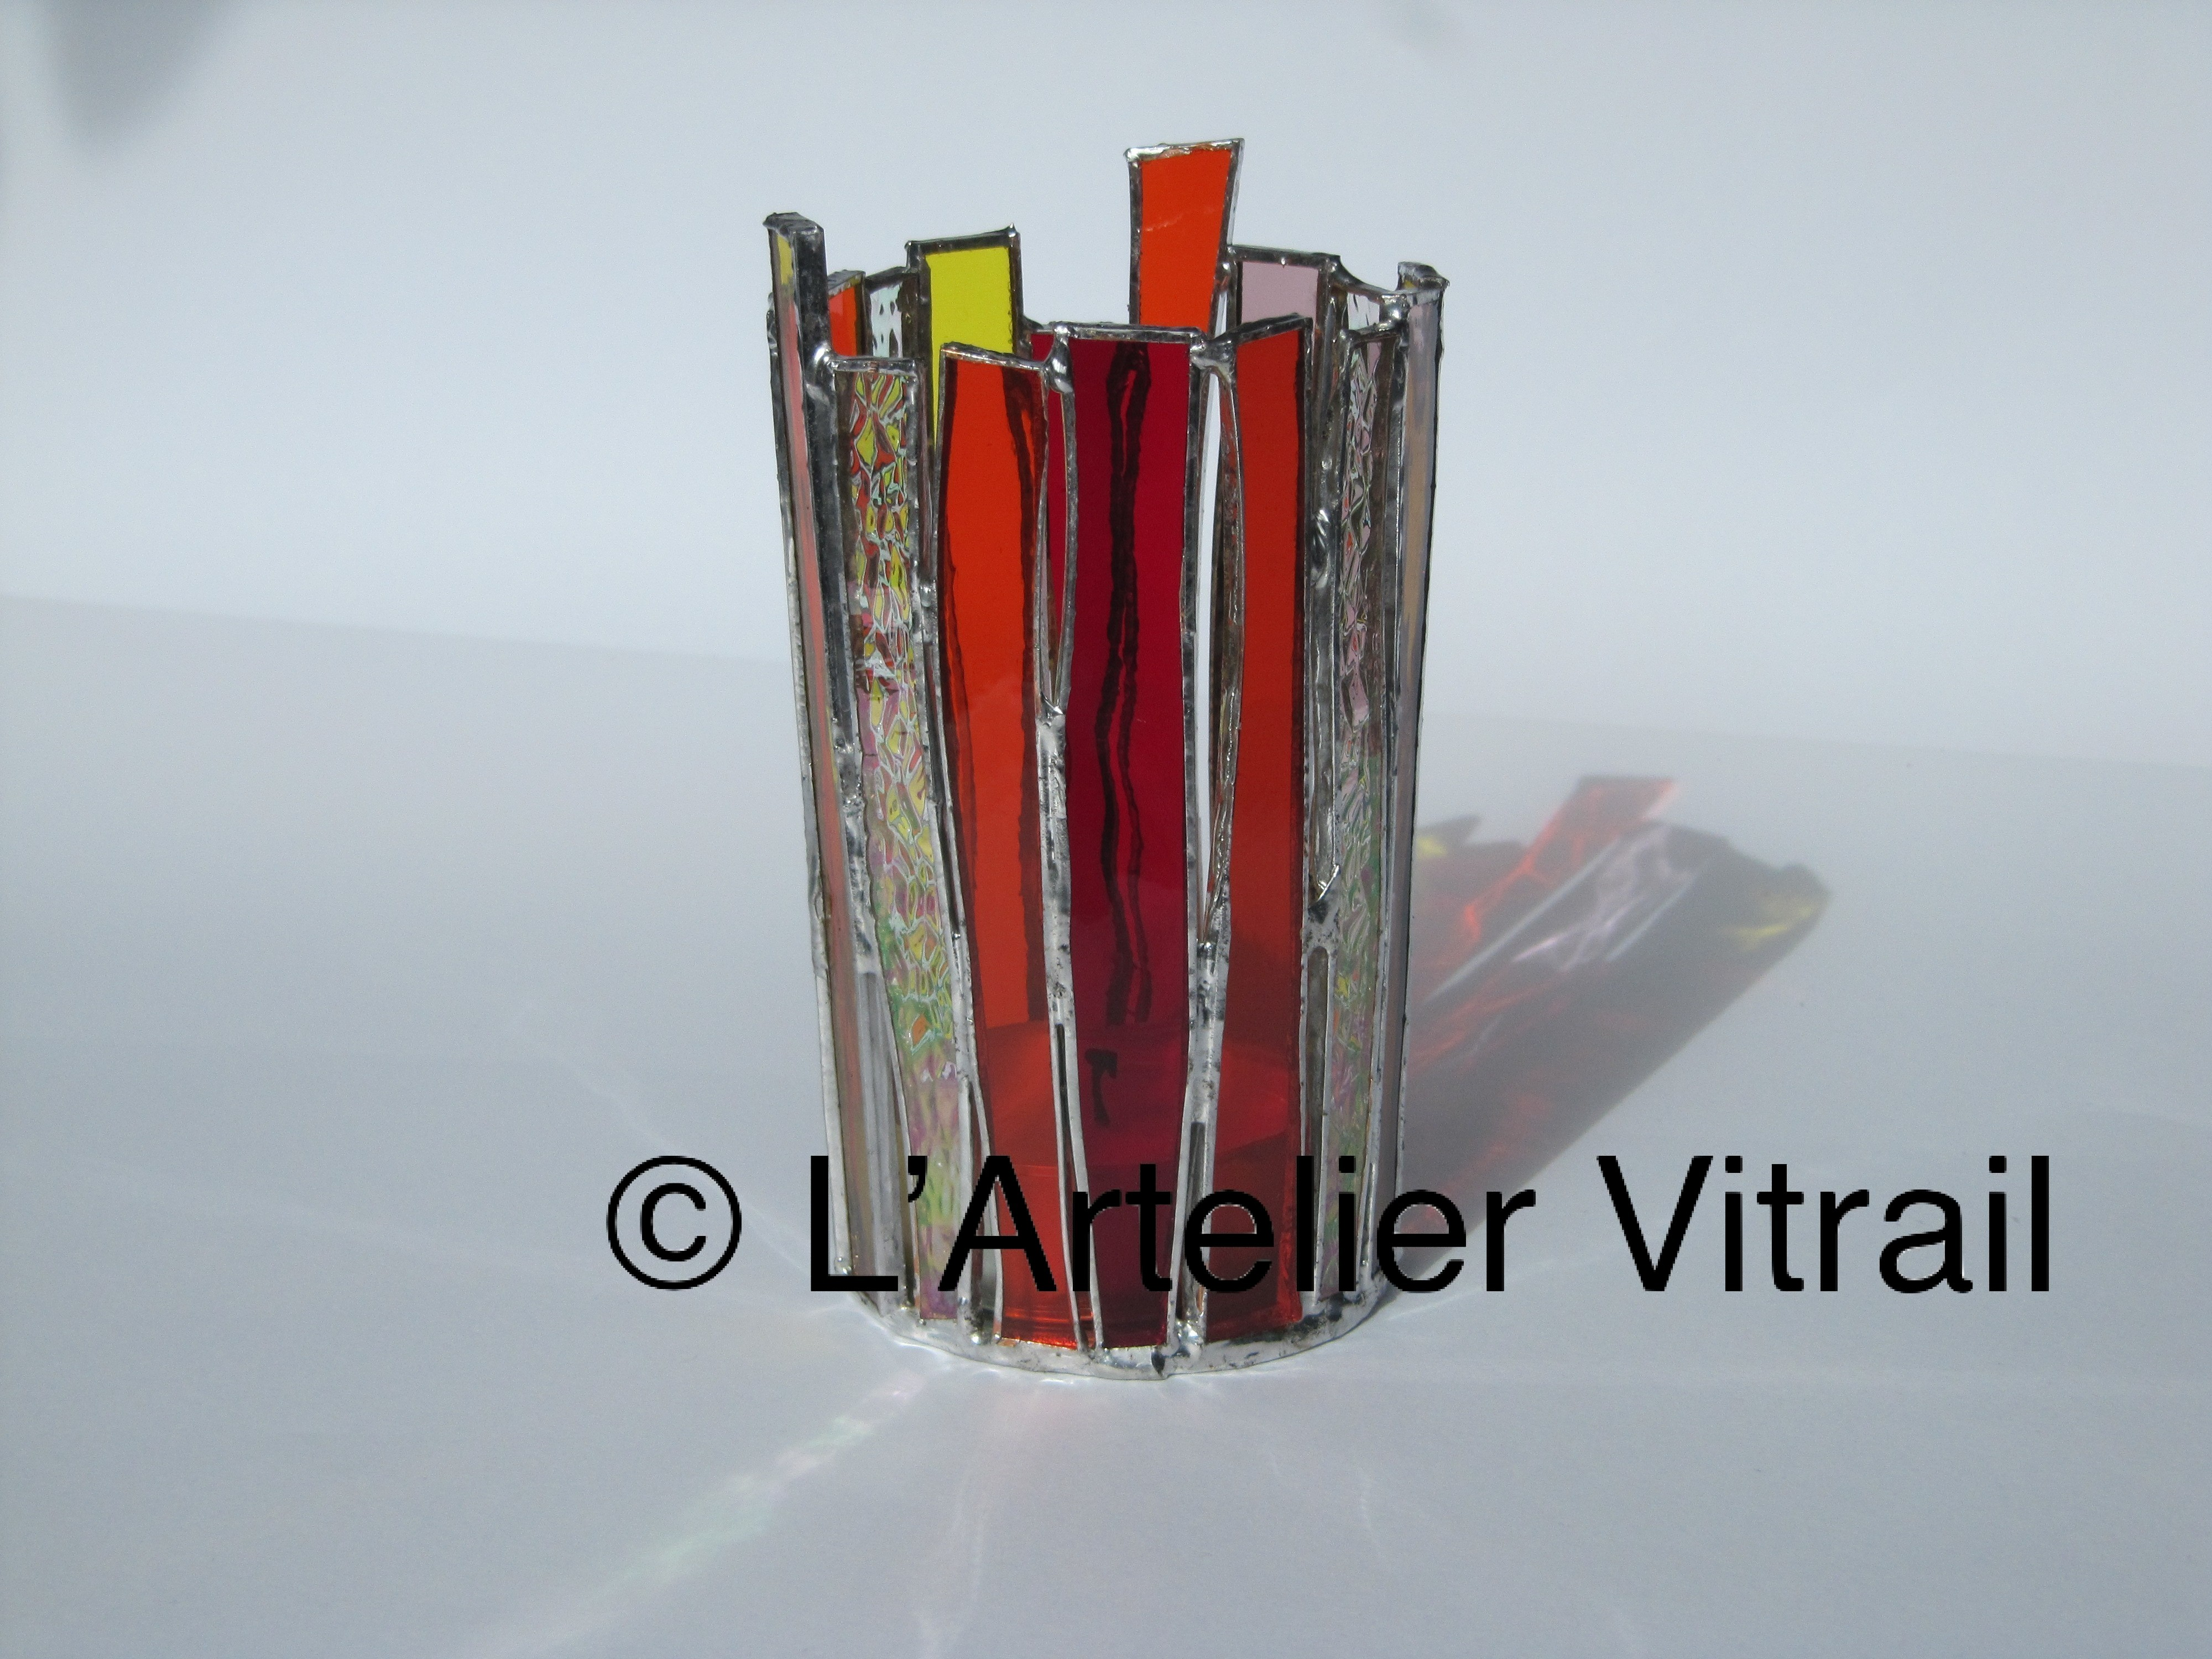 D coration l 39 art elier vitraill 39 art elier vitrail for Miroir vitrail modeles